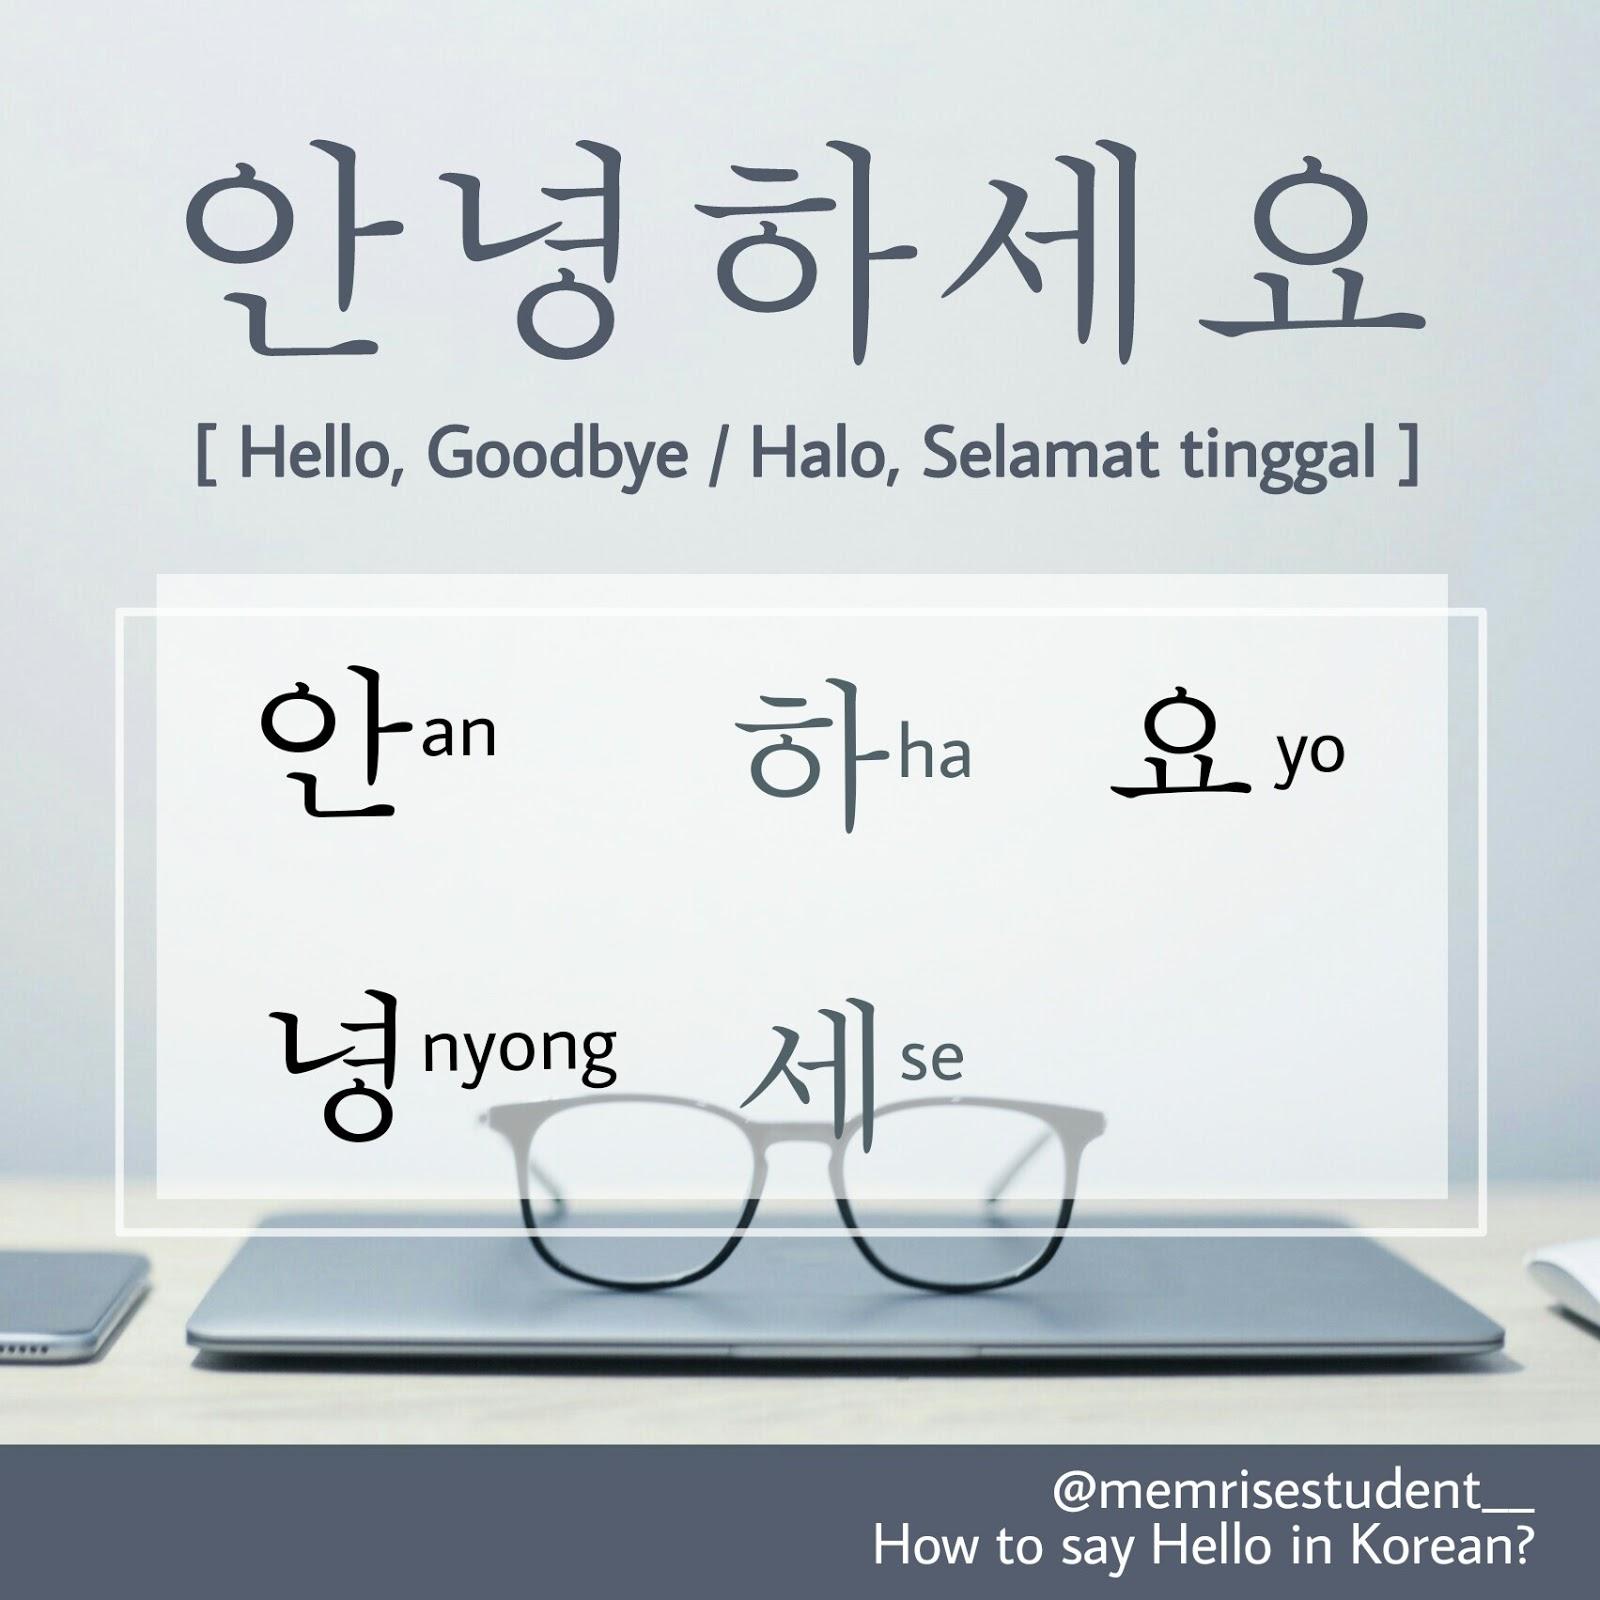 How to say Hi in Korean?